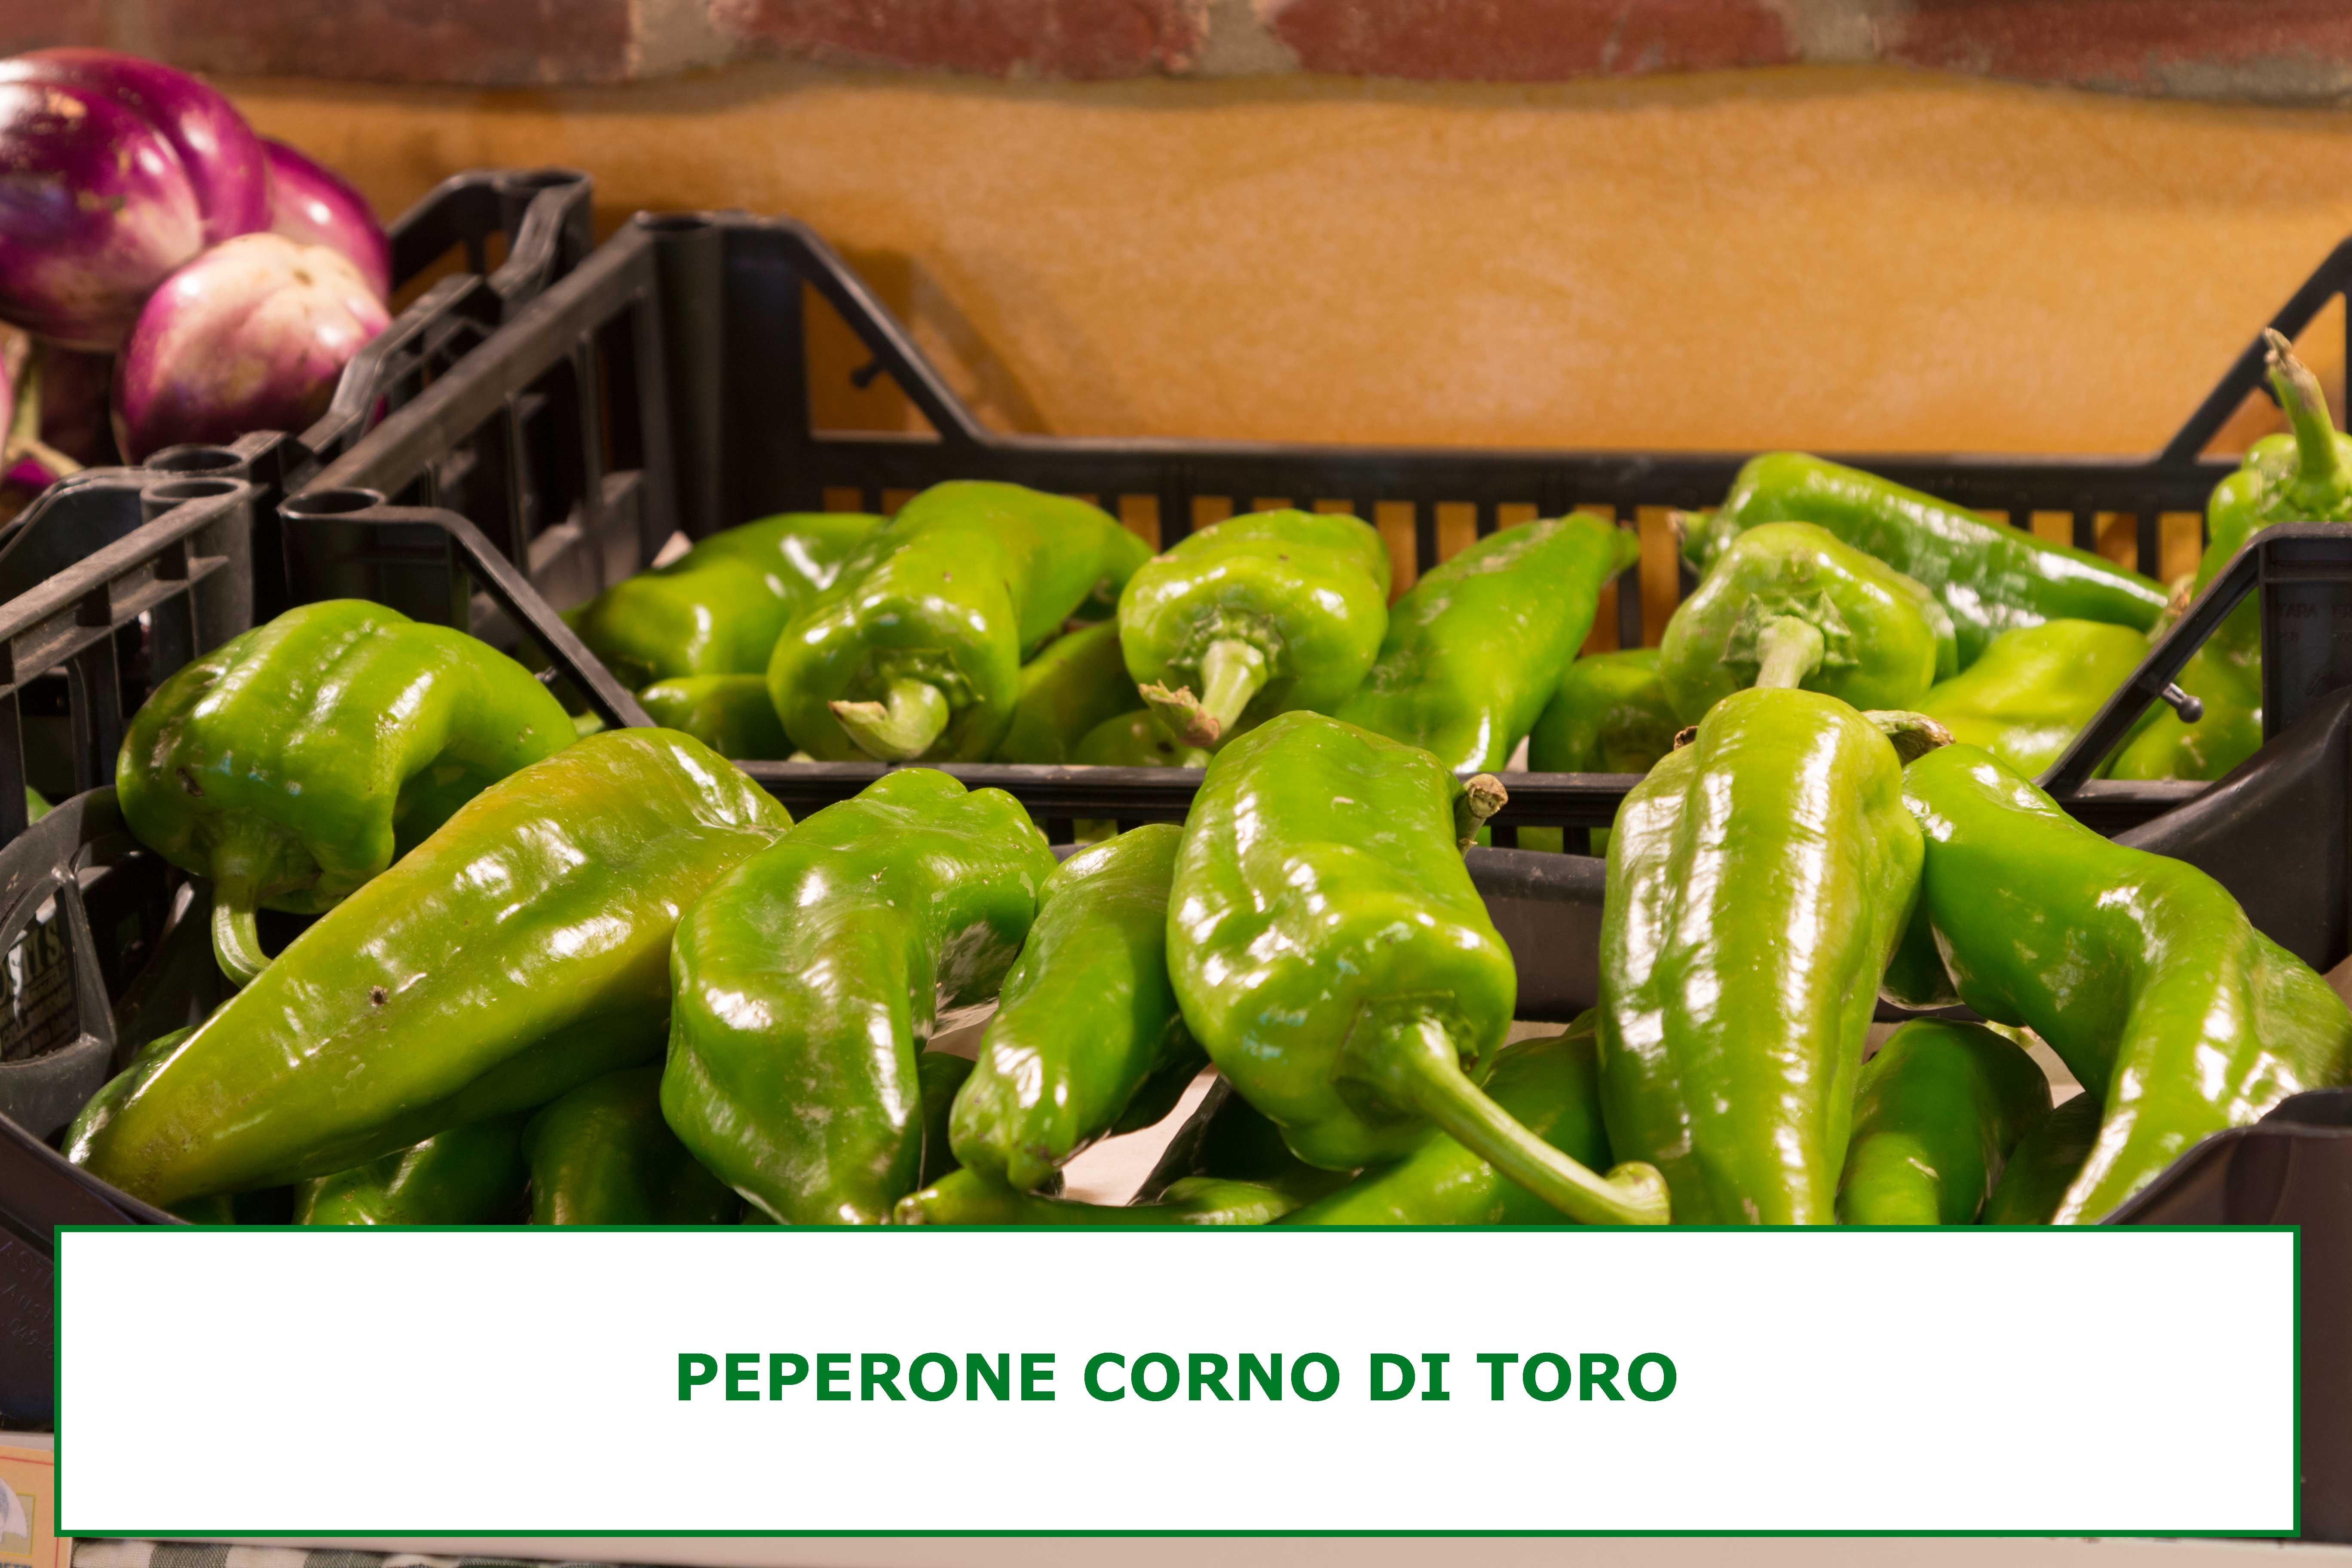 PEPERONE-CORNO-DI-TORO